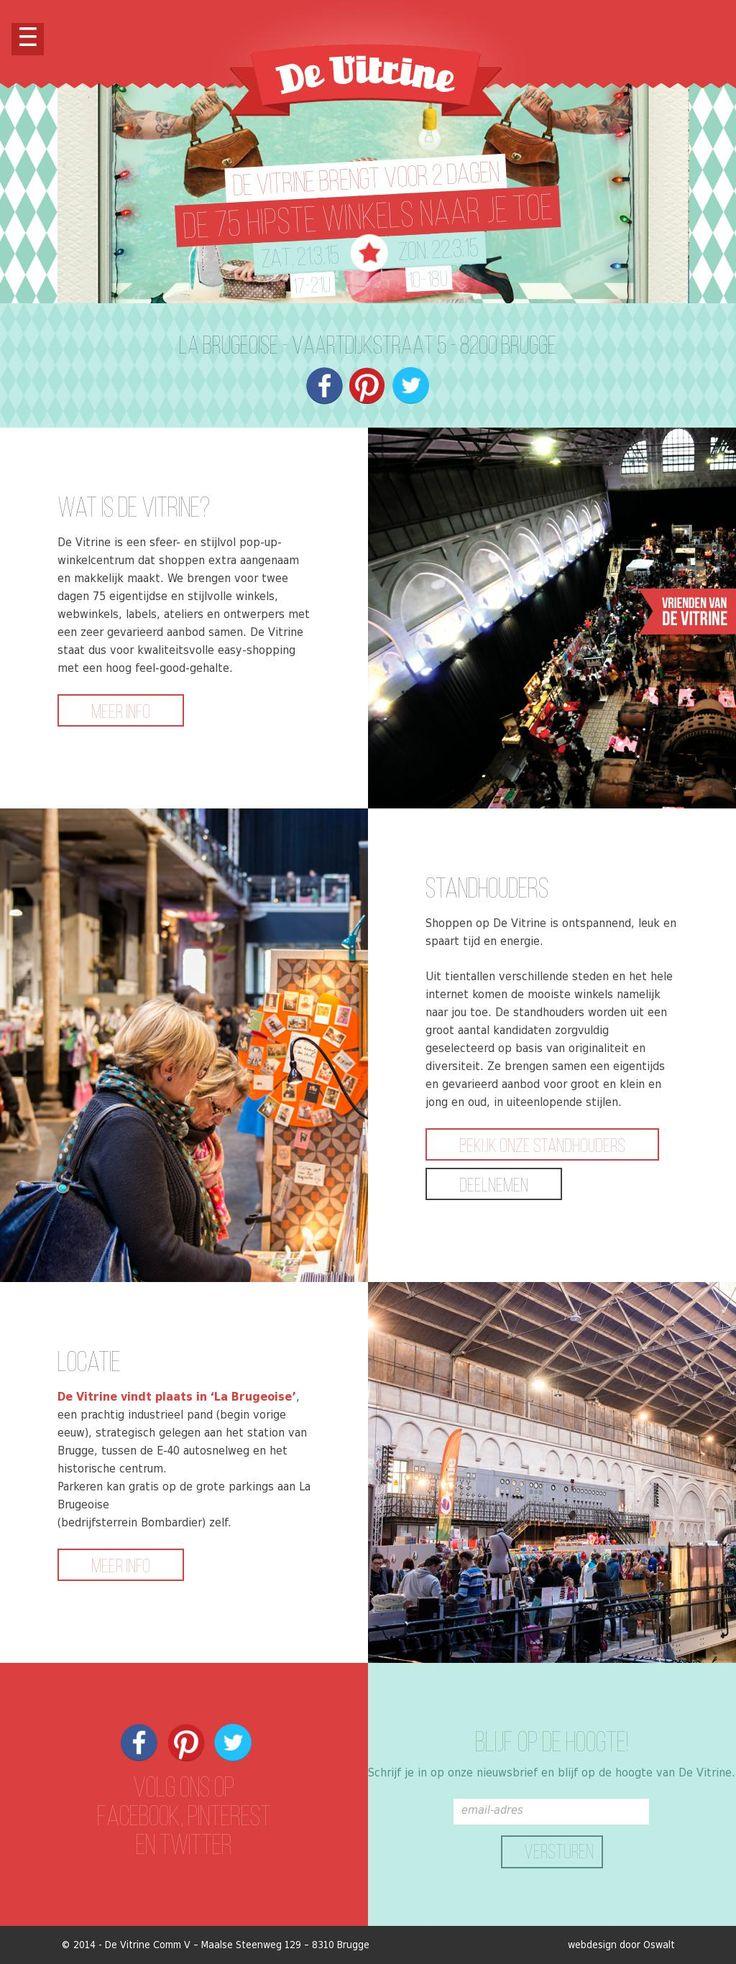 Op zaterdag 21 maart en zondag 22 maart staat MamaLiefs op de gezellige webwinkelbeurs 'De Vitrine' in het mooie Belgische Brugge. Kom je gezellig langs?  The website 'www.devitrine.com' courtesy of @Pinstamatic (http://pinstamatic.com)